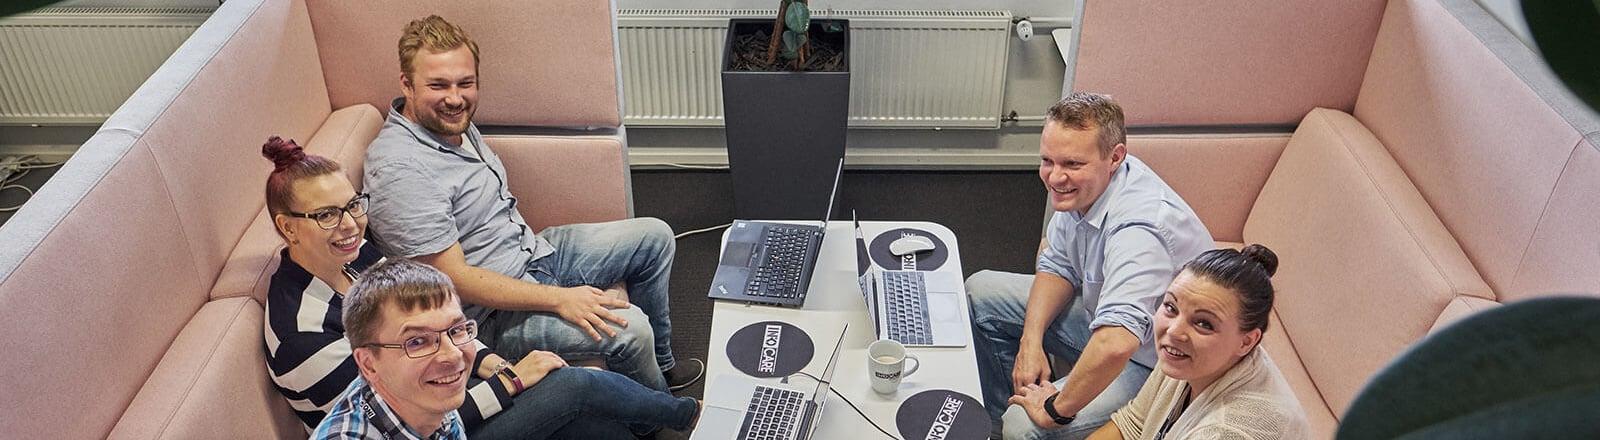 office_infocare